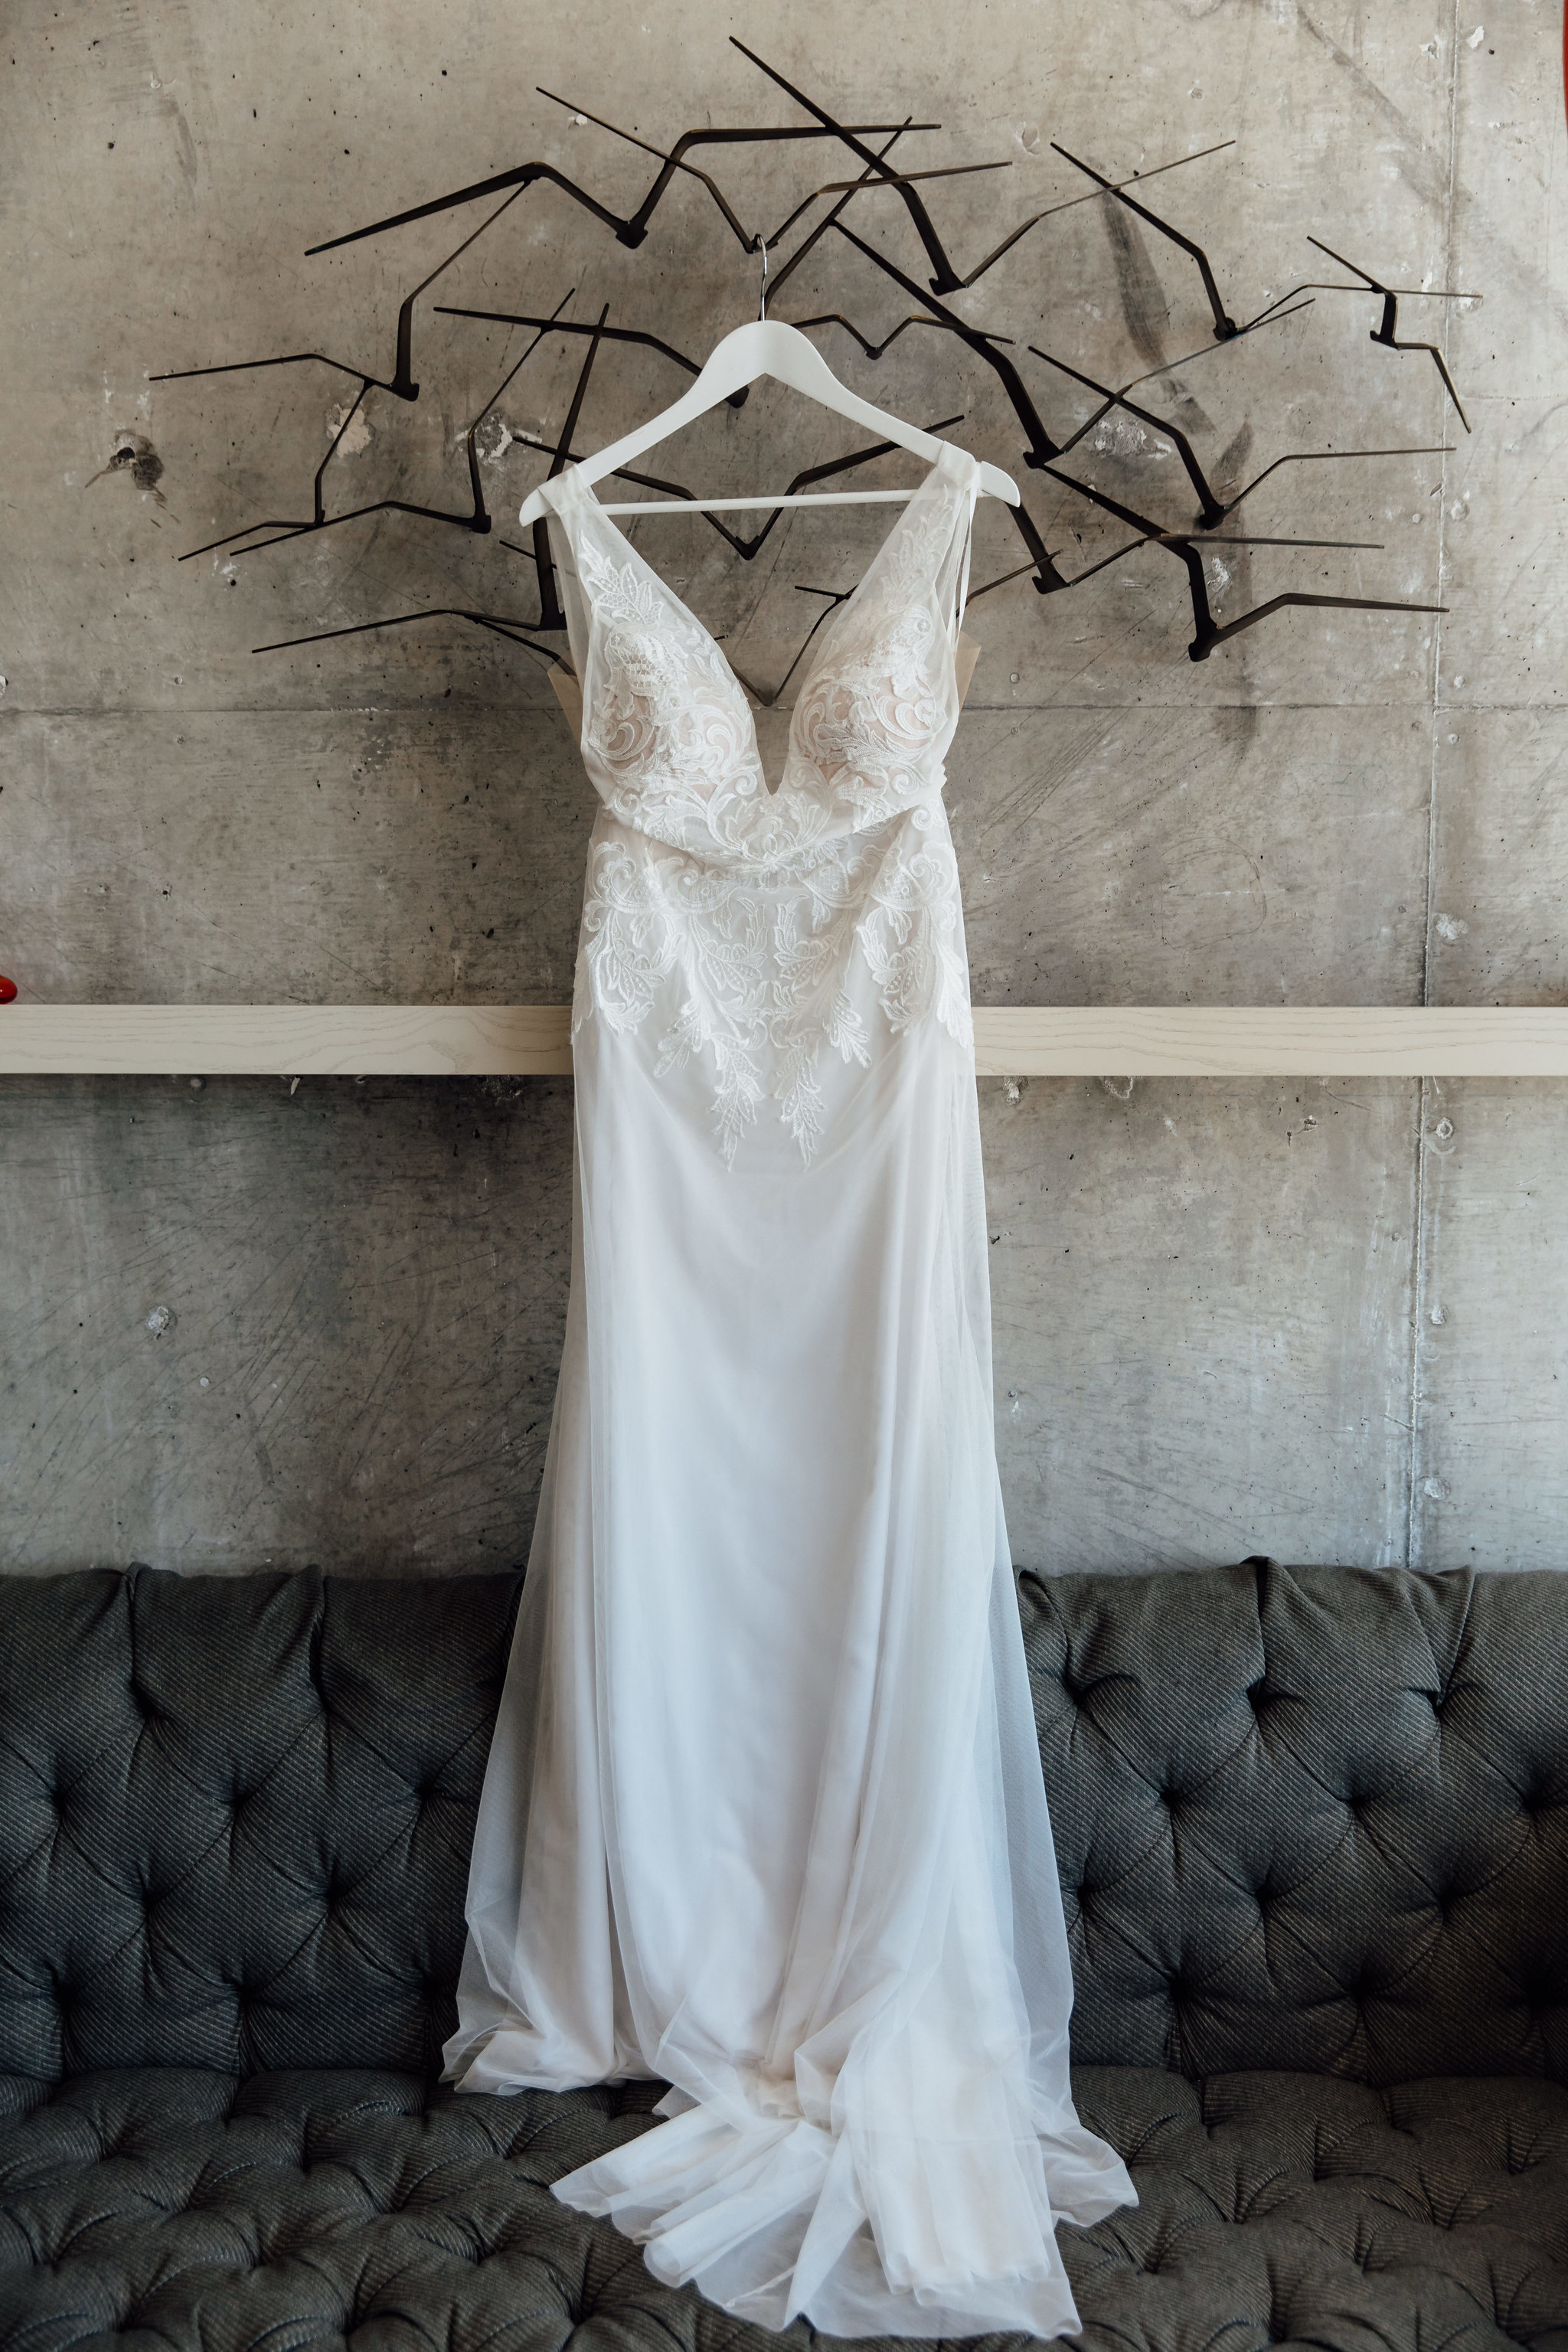 carondelet-los-angeles-wedding-marble-rye-photography-firstlook-details-002.jpg